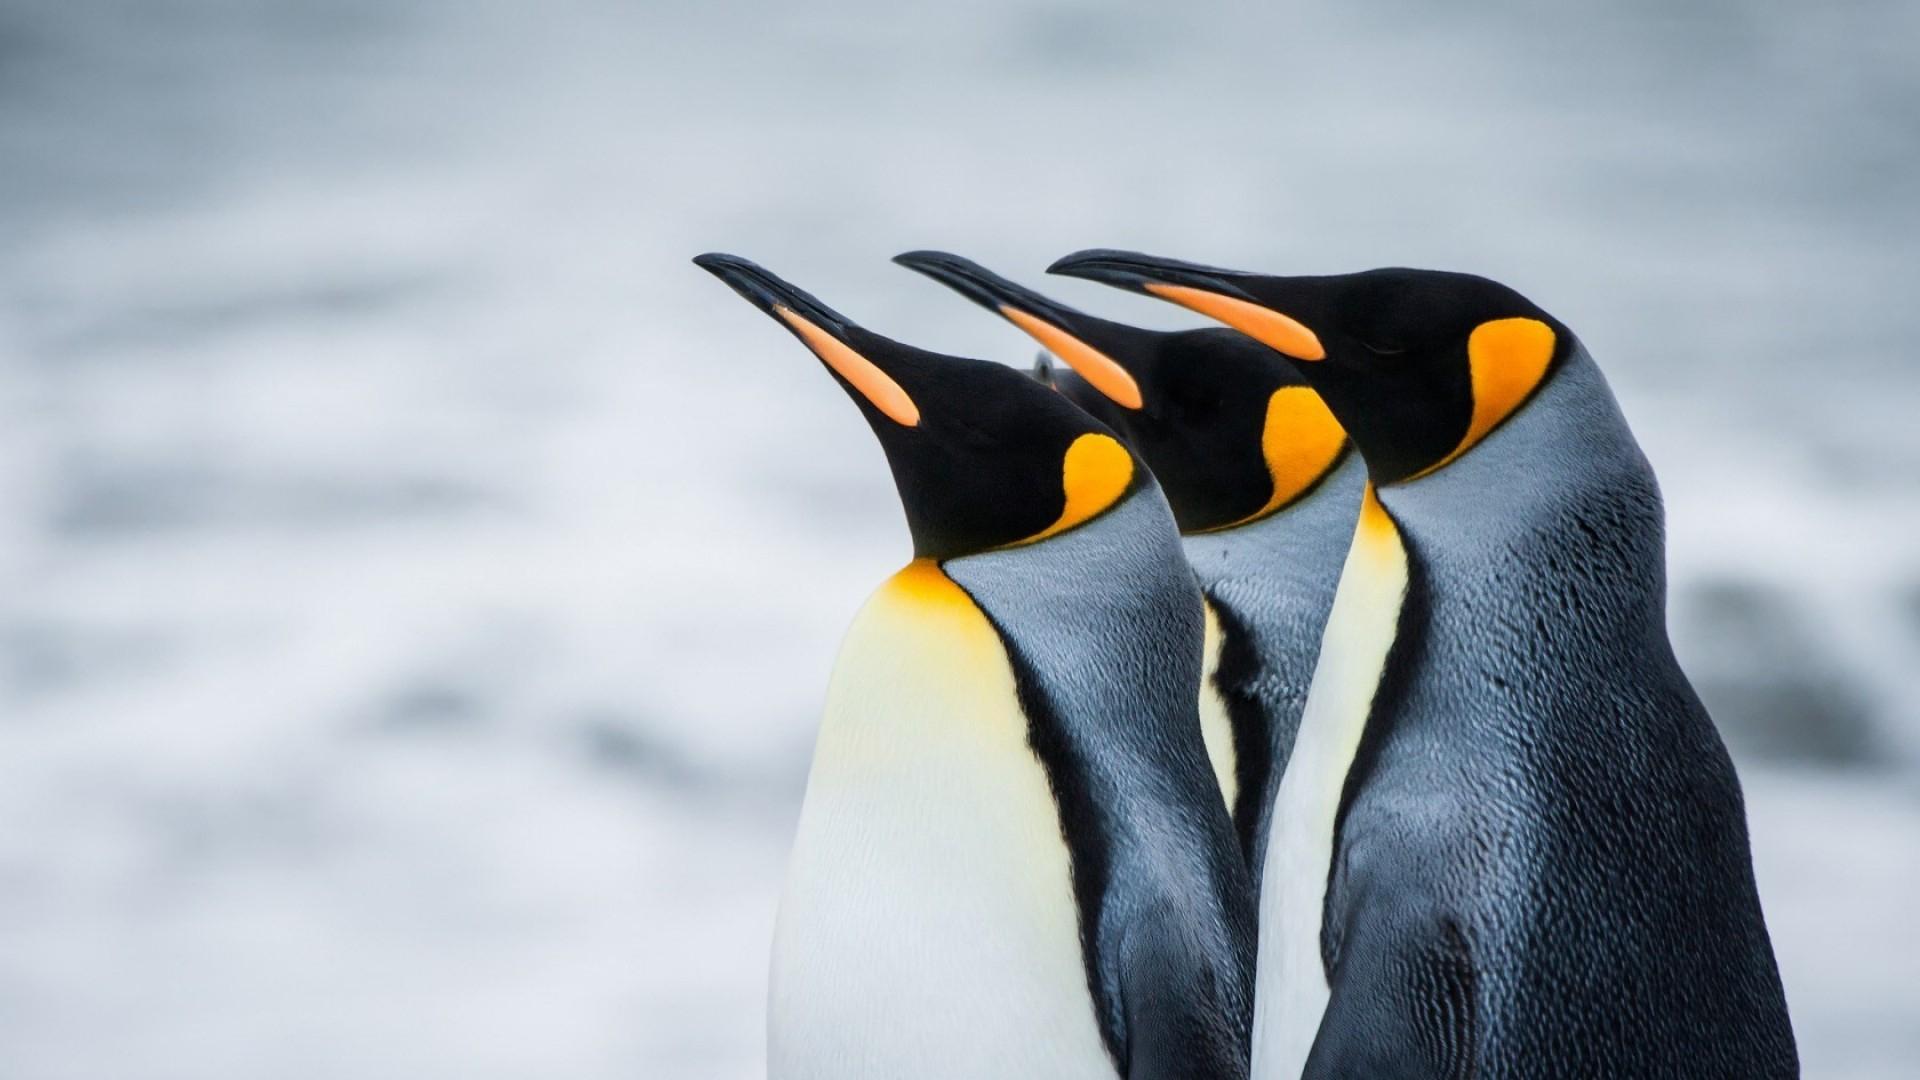 Penguin 4k